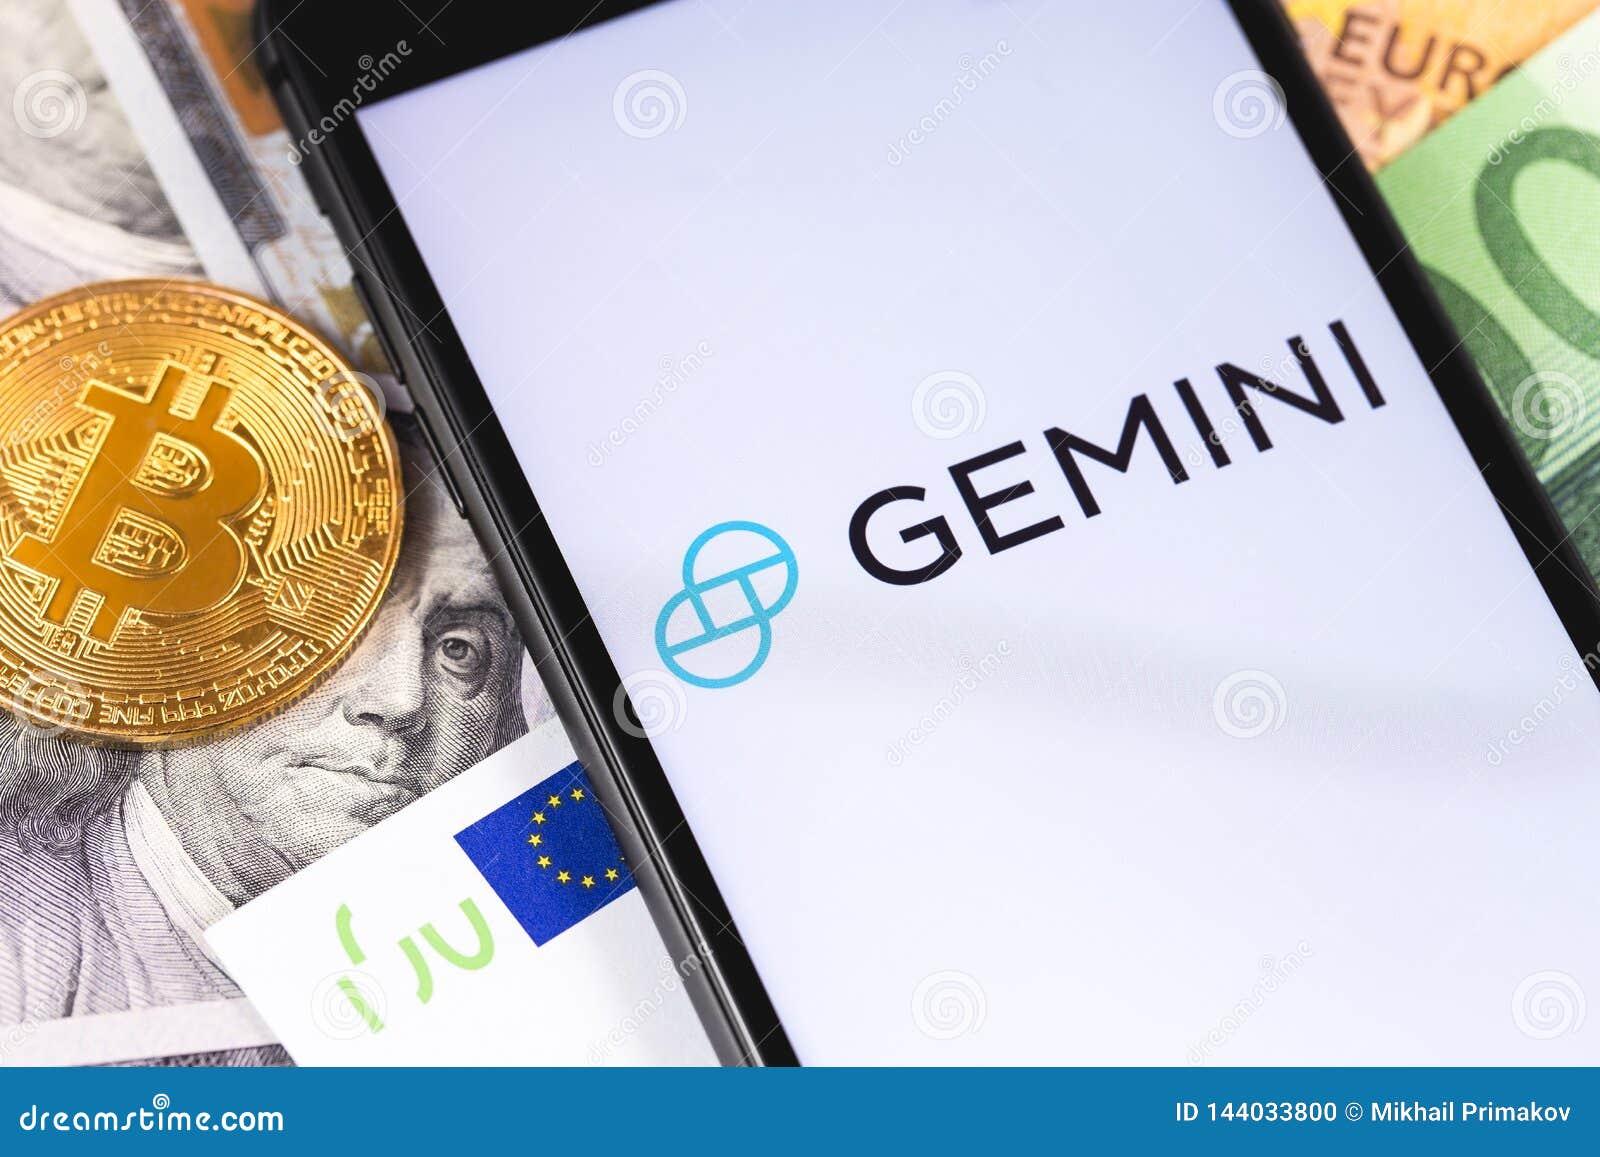 VanEck sceglie Gemini per il suo ETF su bitcoin - The Cryptonomist